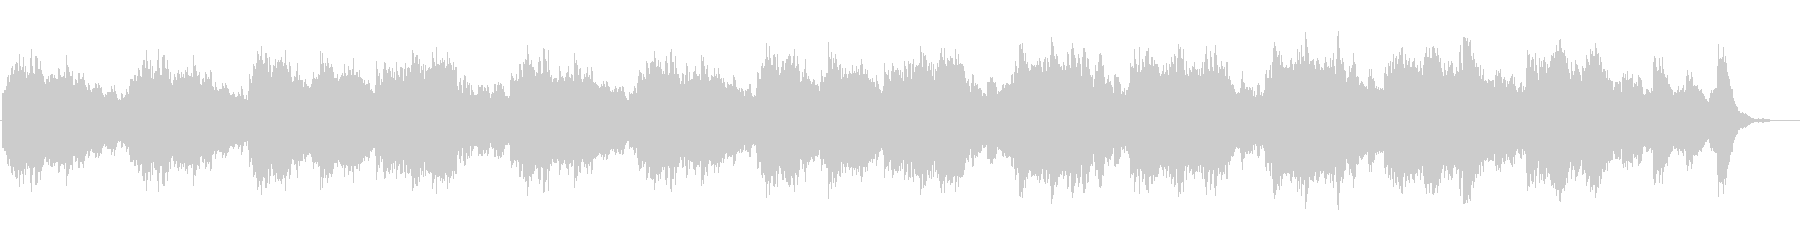 雨の公園のセンチメンタルなオルゴール曲の未再生の波形